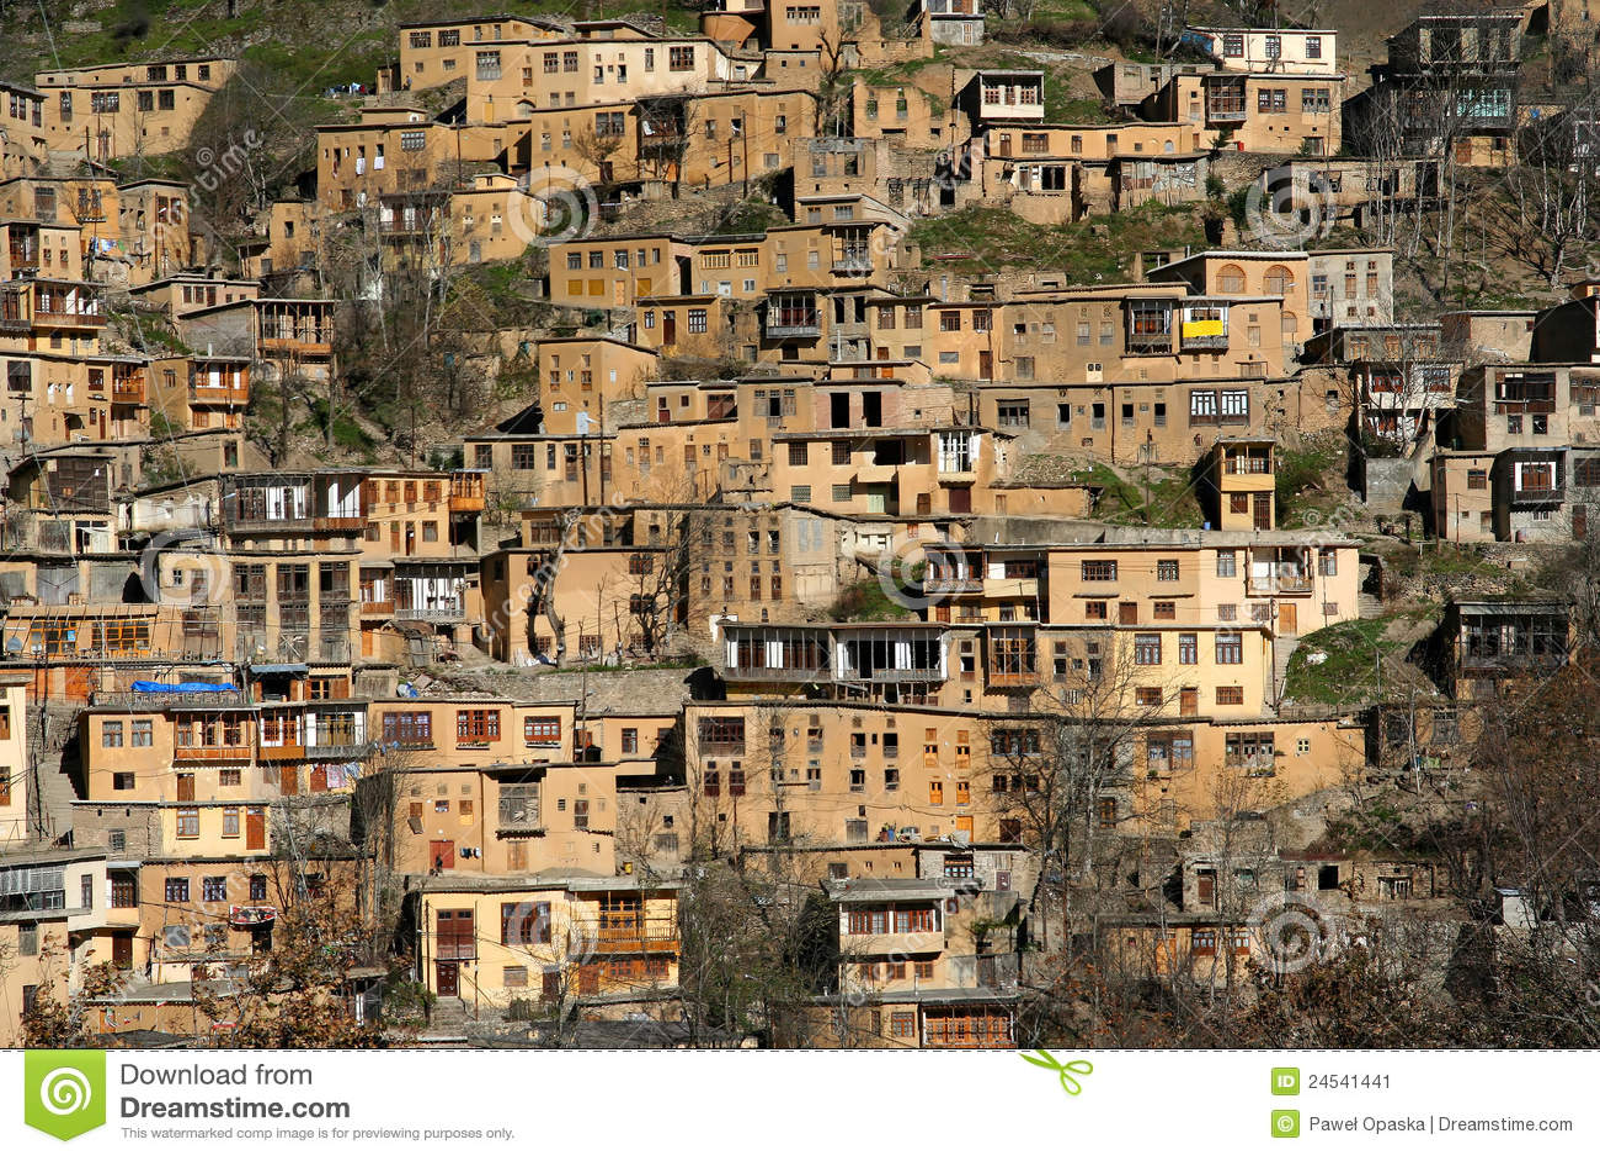 Masuleh   IranVisitor - Travel Guide To Iran